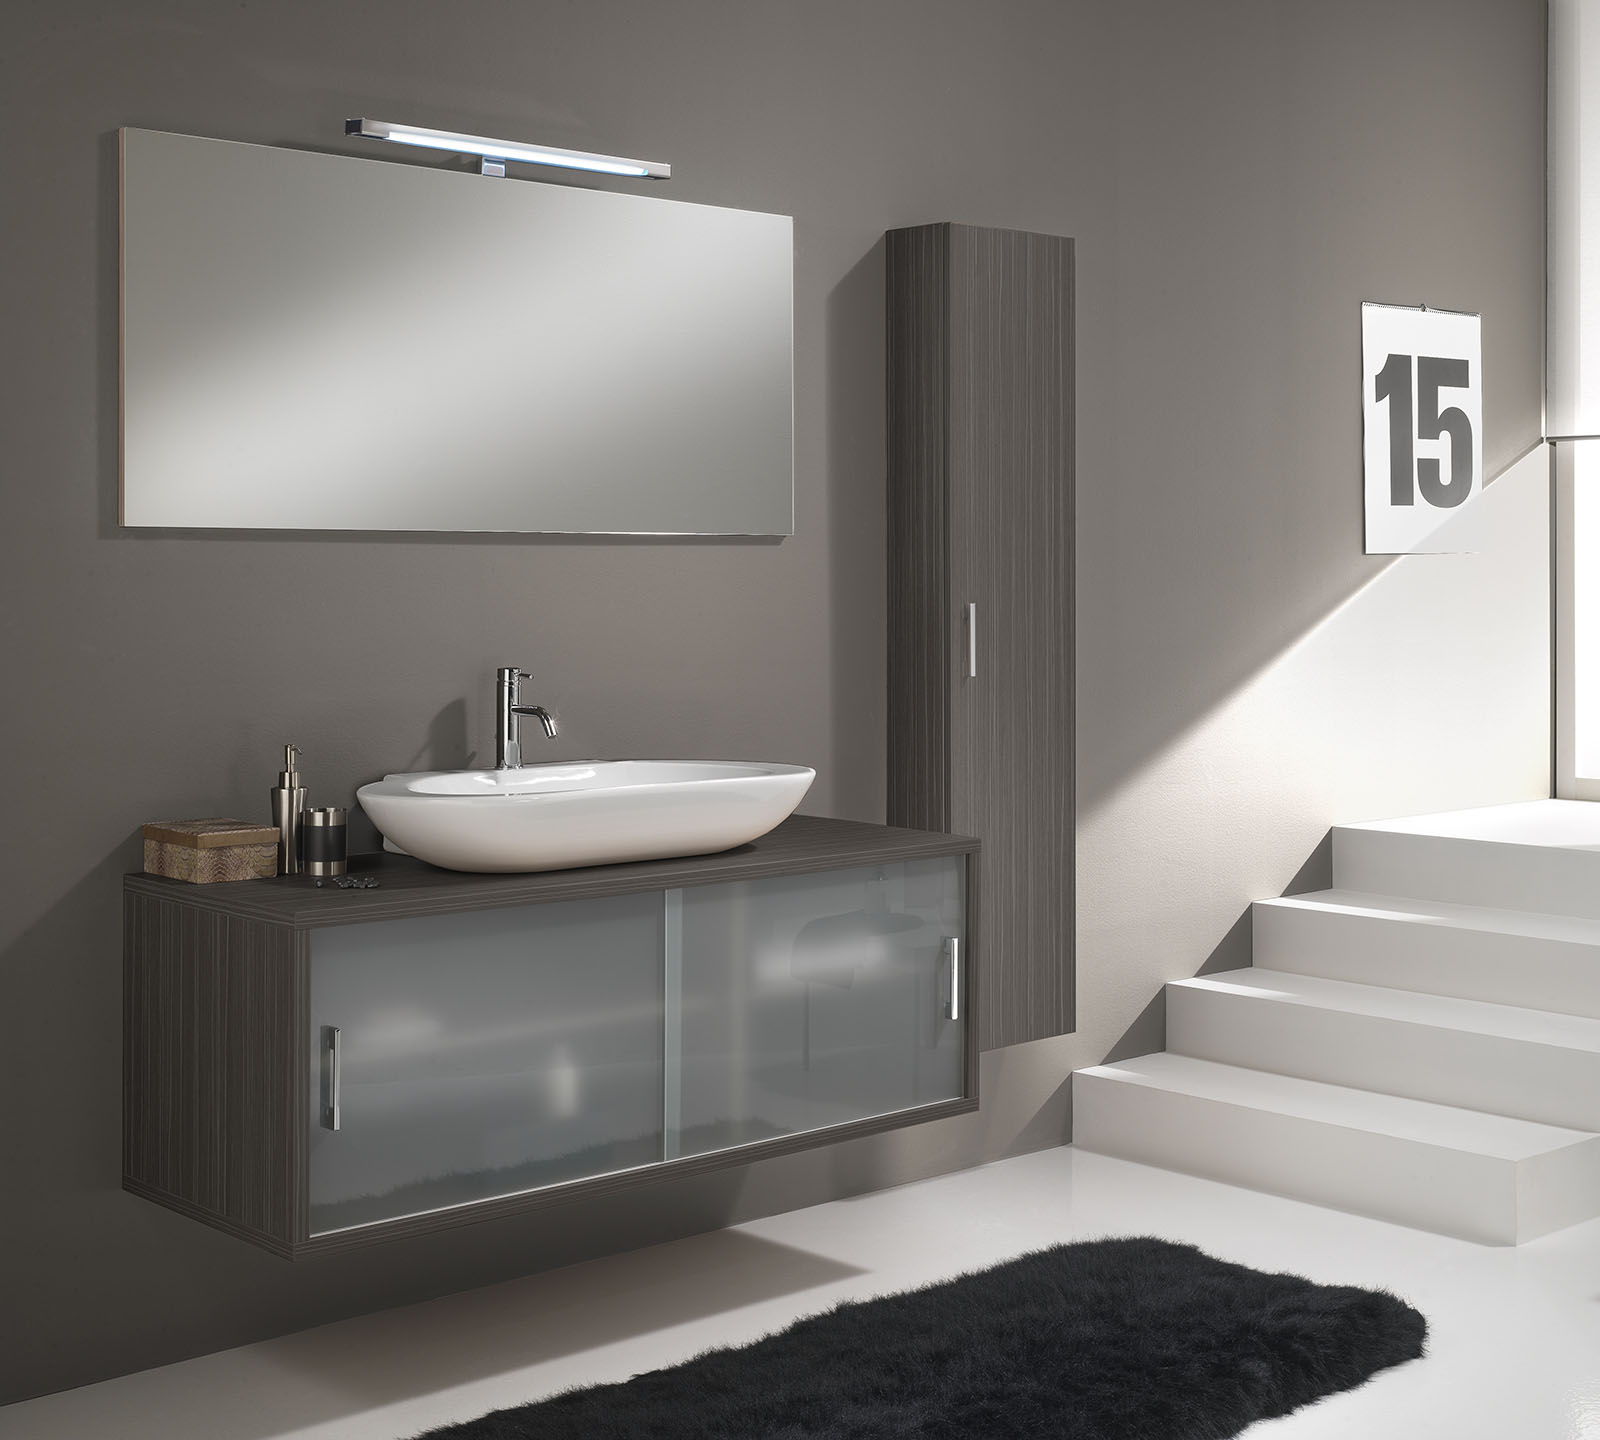 Arredo bagno giava 06 pino grigio cm 130 duzzle for Accessori per bagno